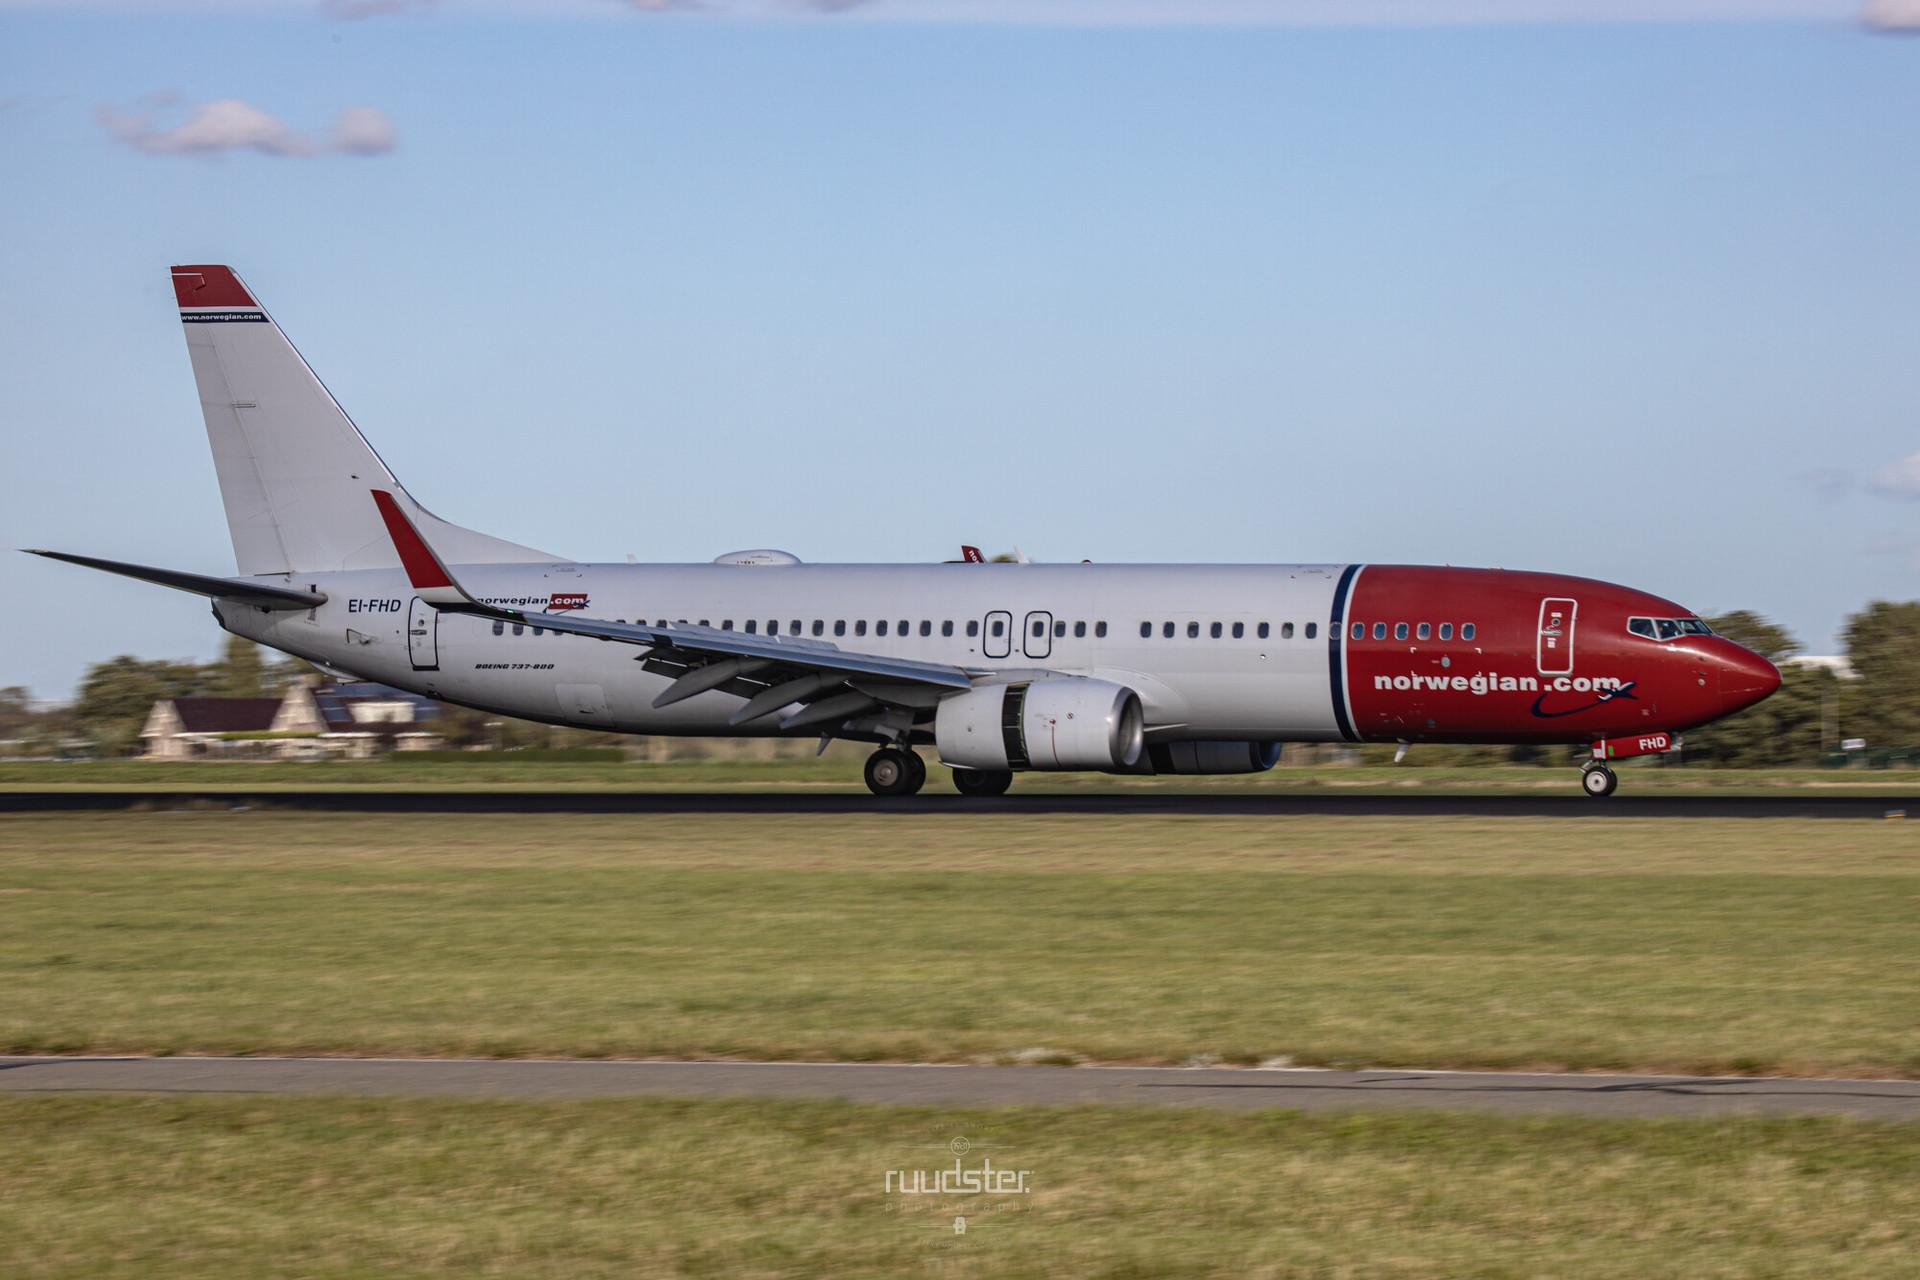 EI-FHD | Build: 2012 - Boeing 737-8JP